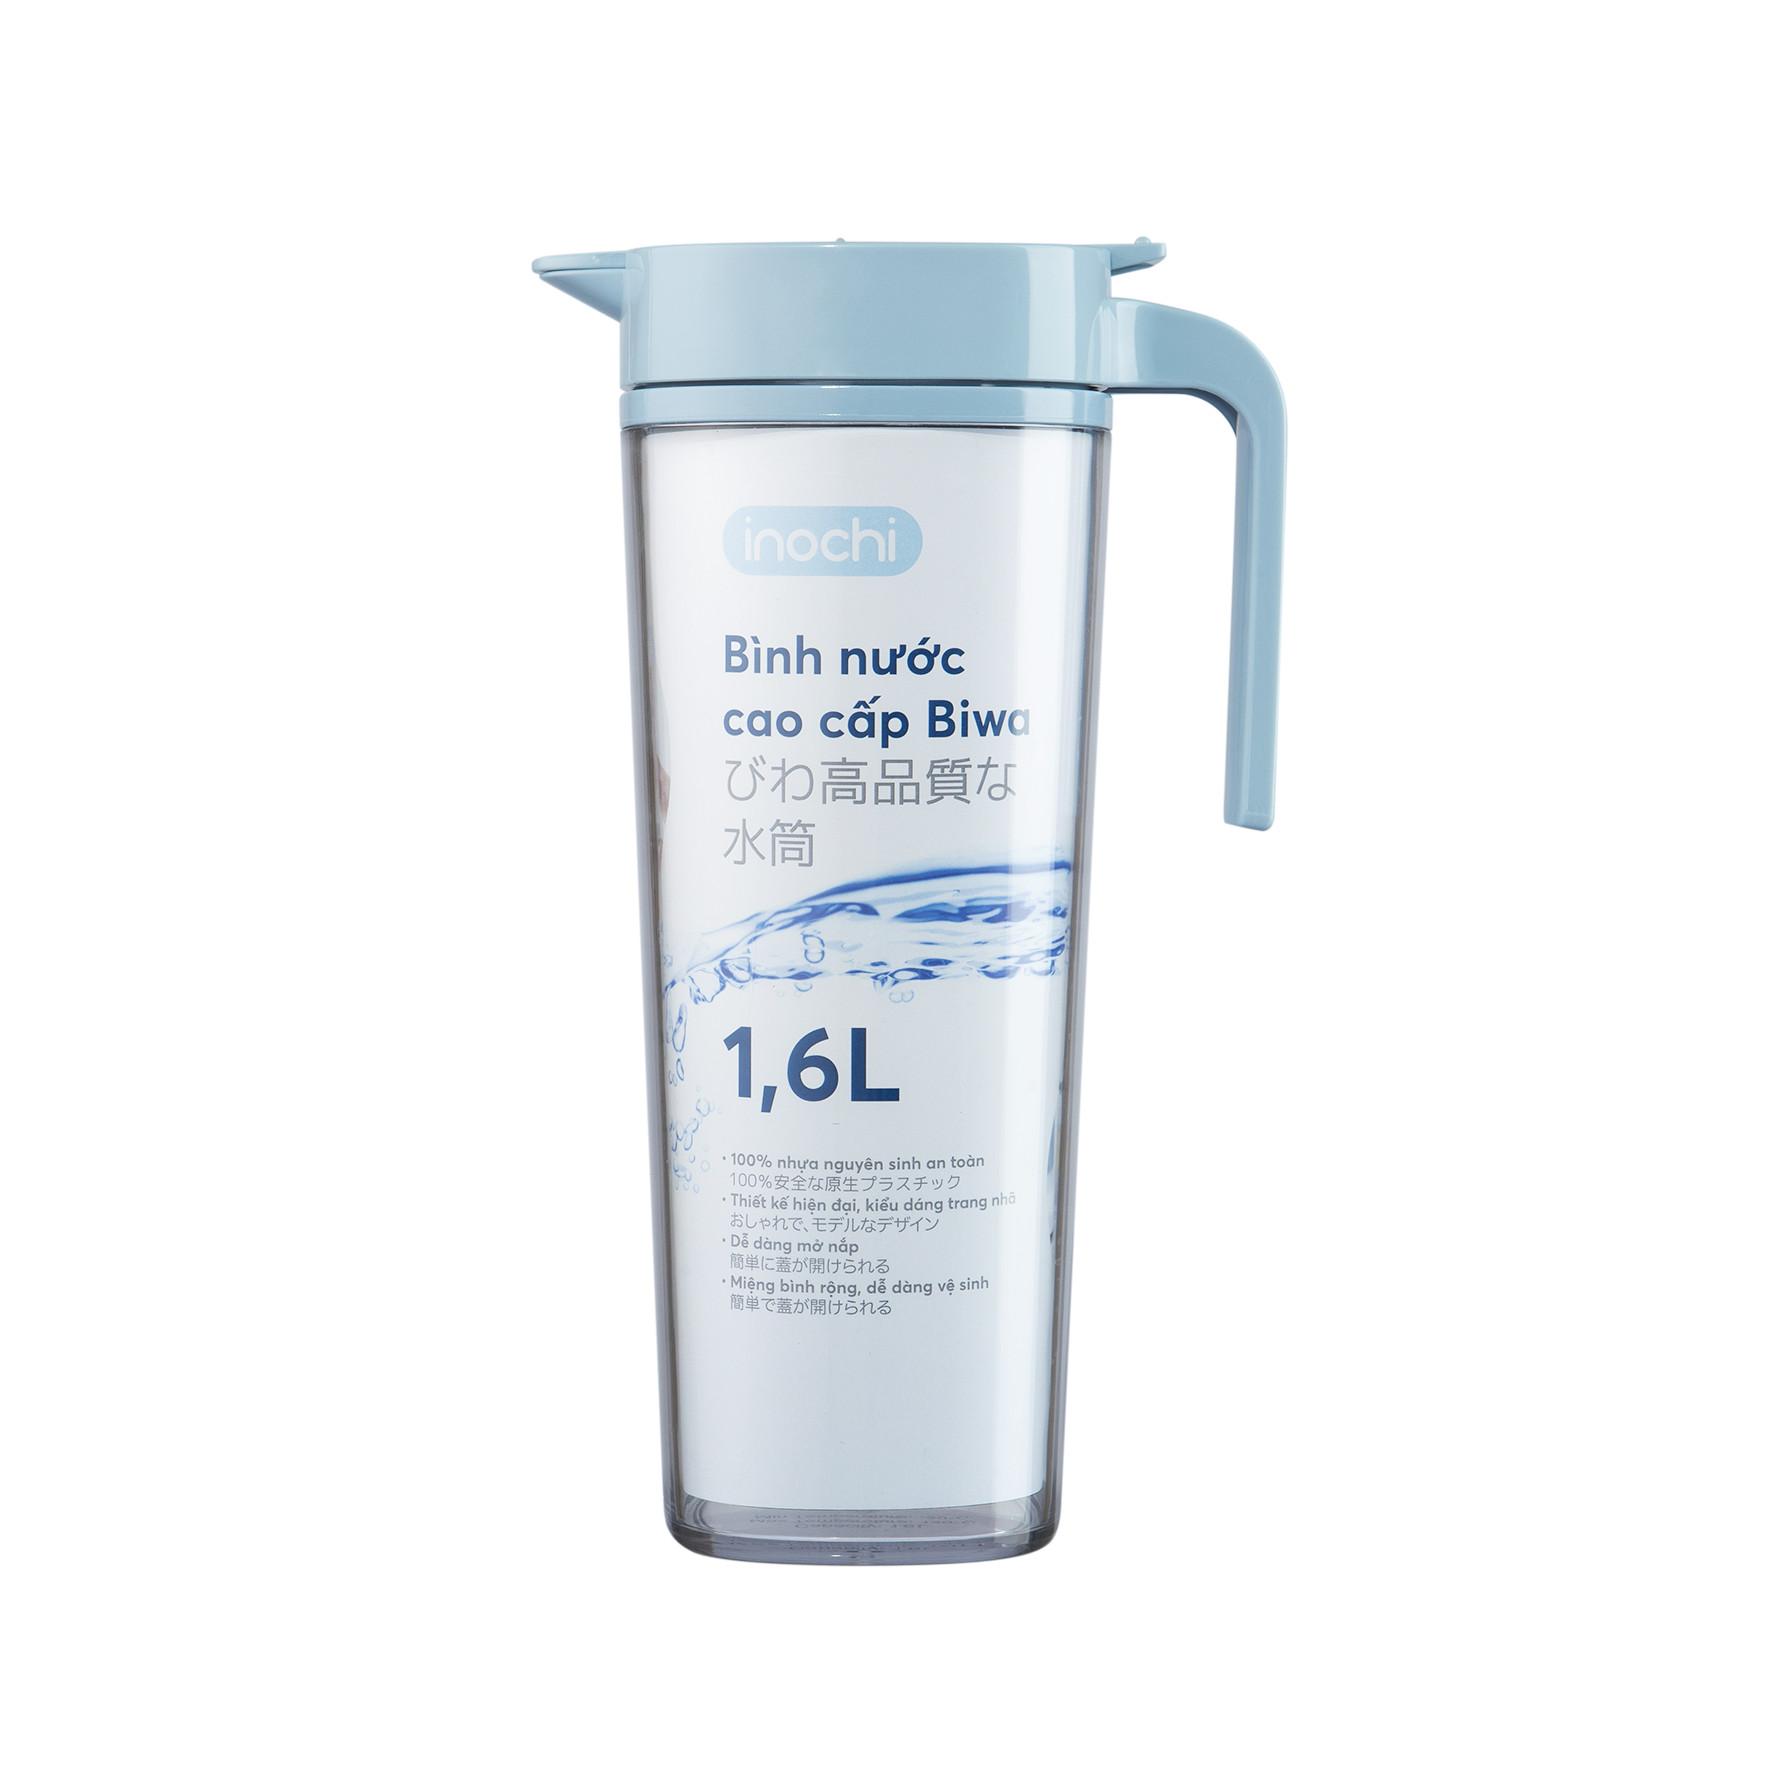 Bình đựng nước cao cấp Biwa - (1,6L)